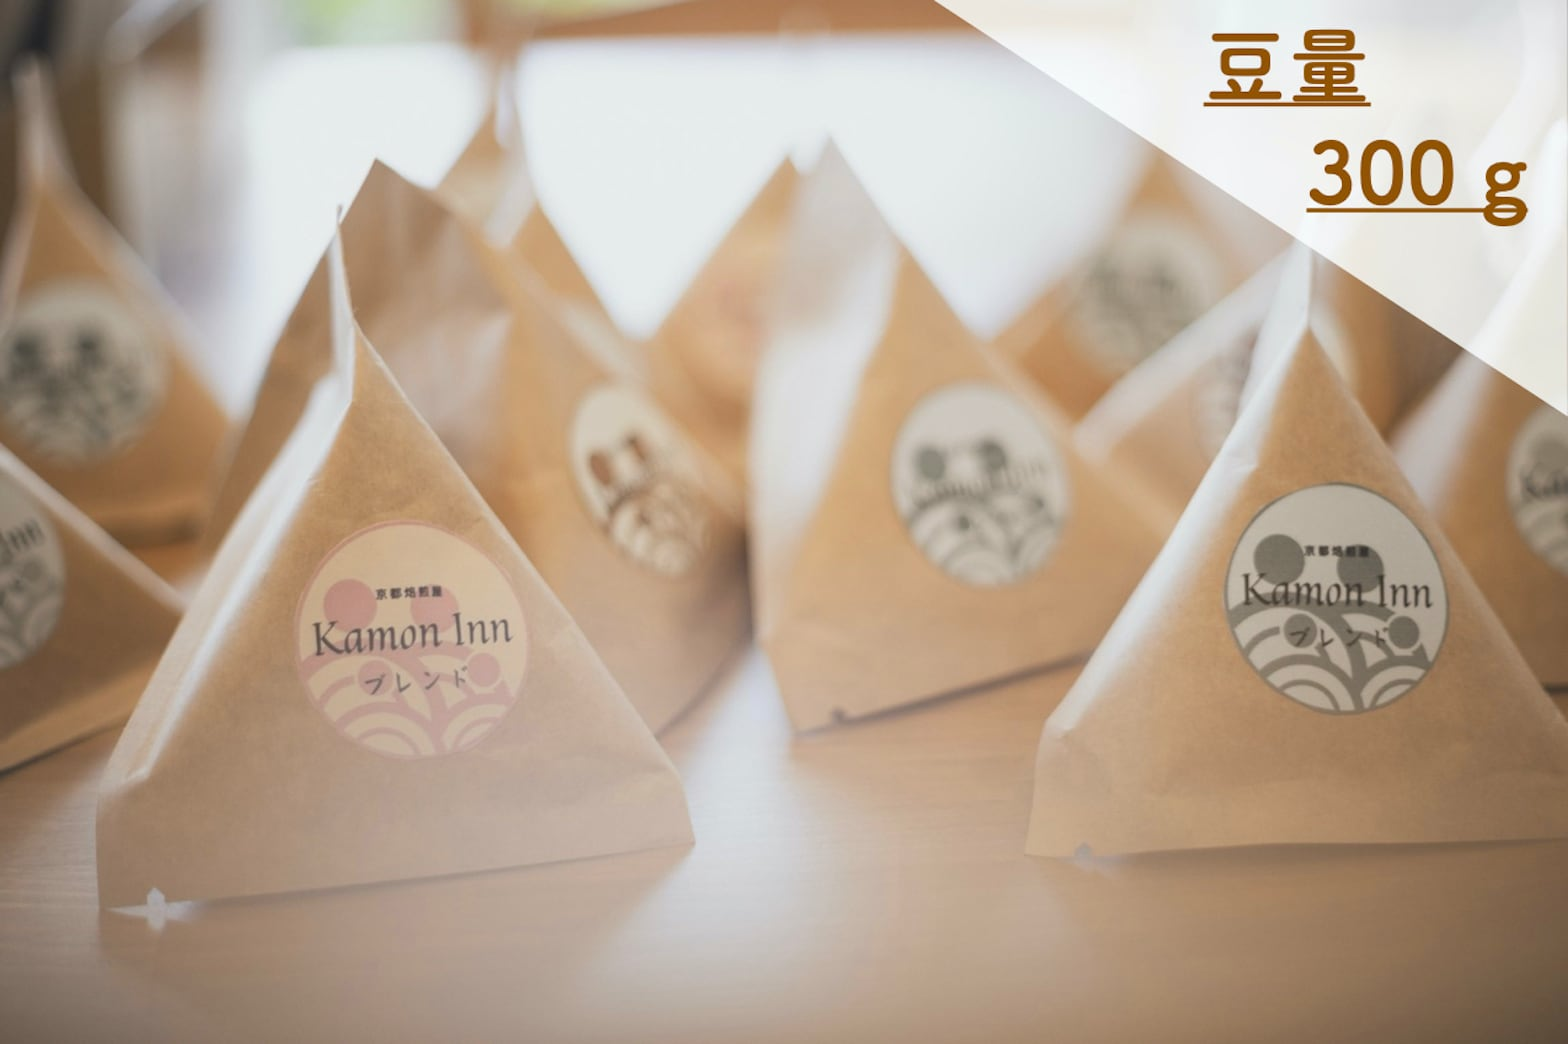 300g / オリジナルブレンドコーヒー豆【Kamon Inn ブレンド】(中煎り)-送料込み価格-